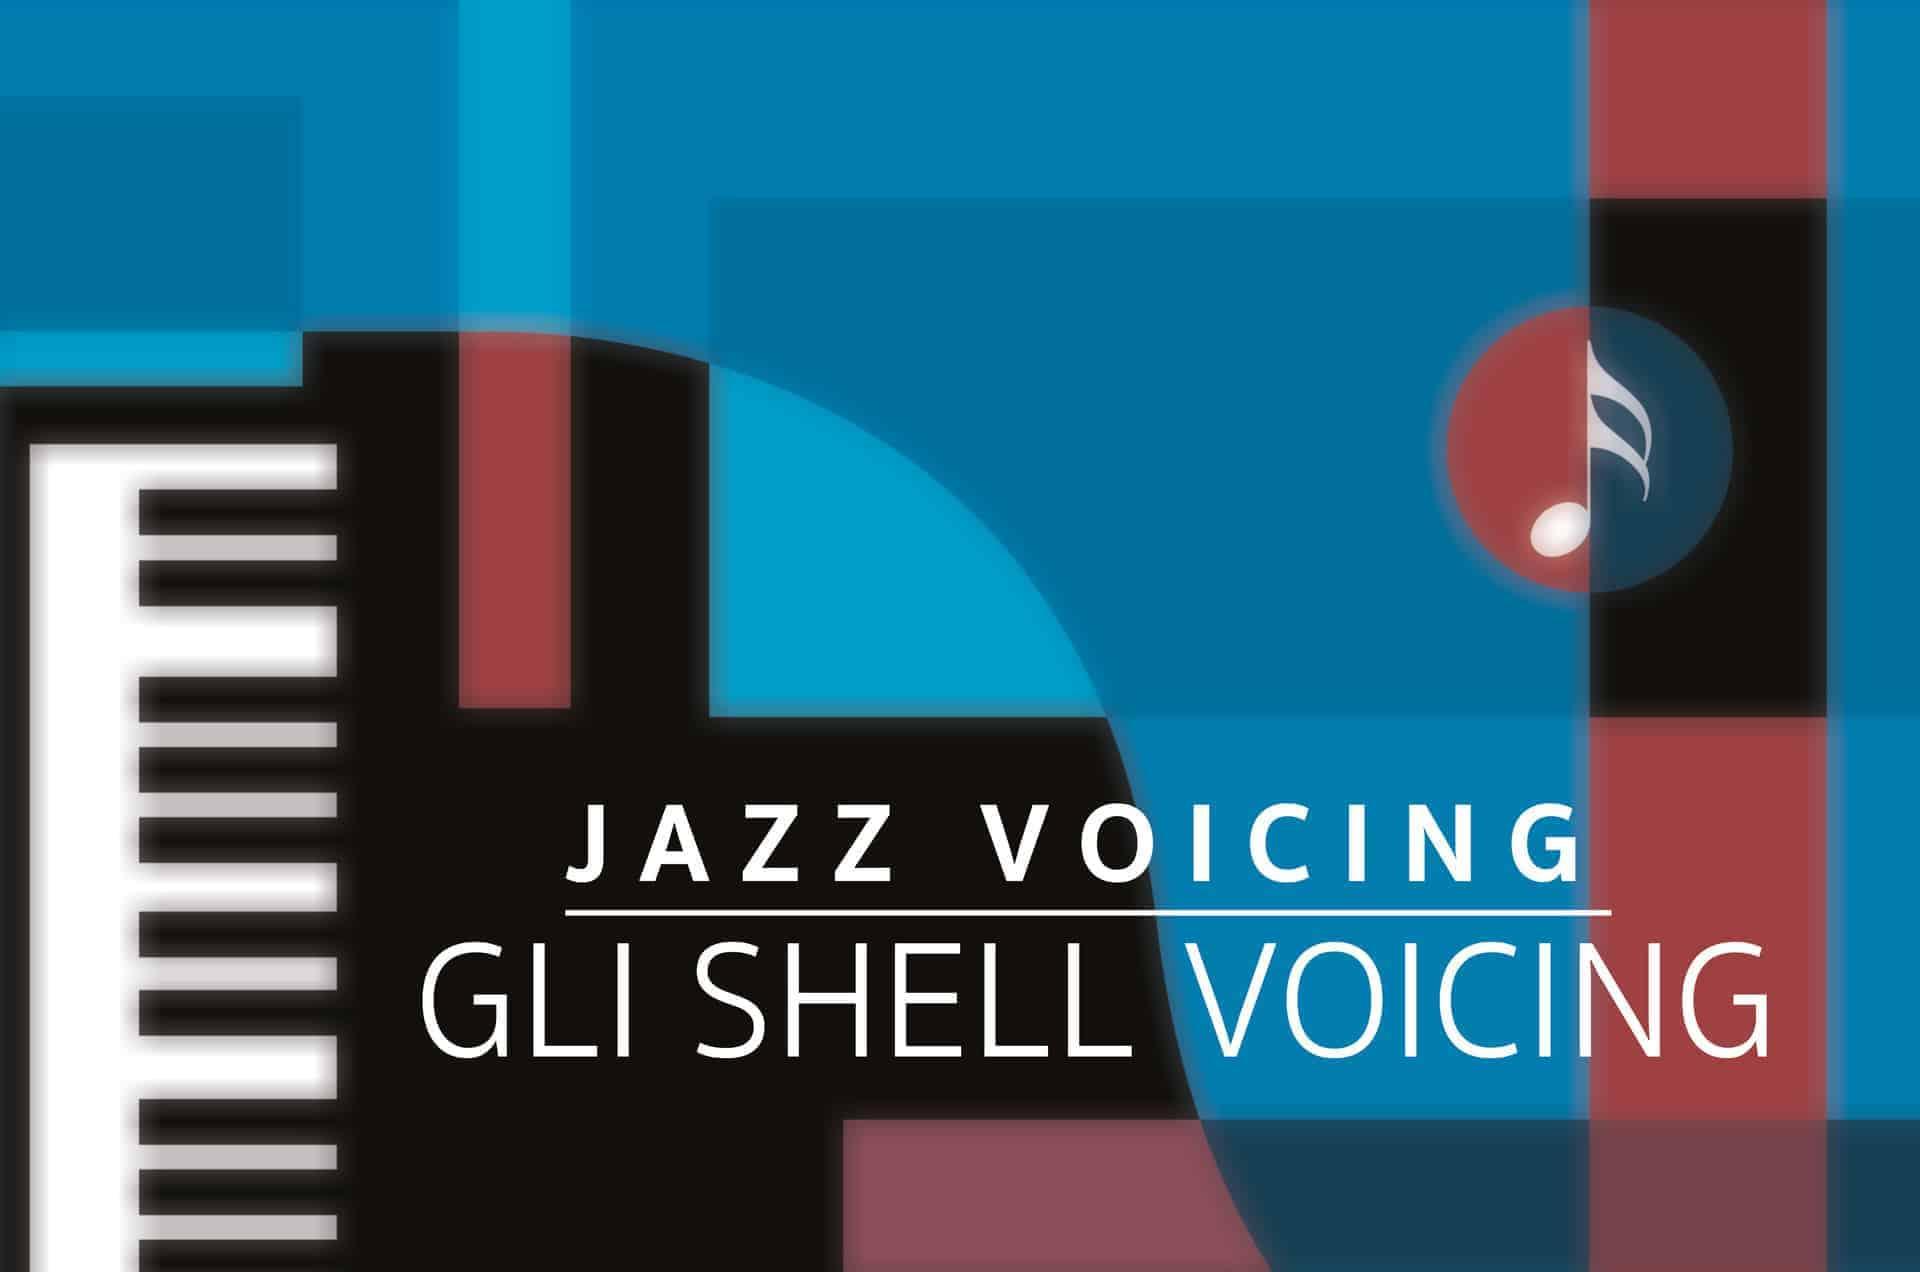 shell voicing al pianoforte